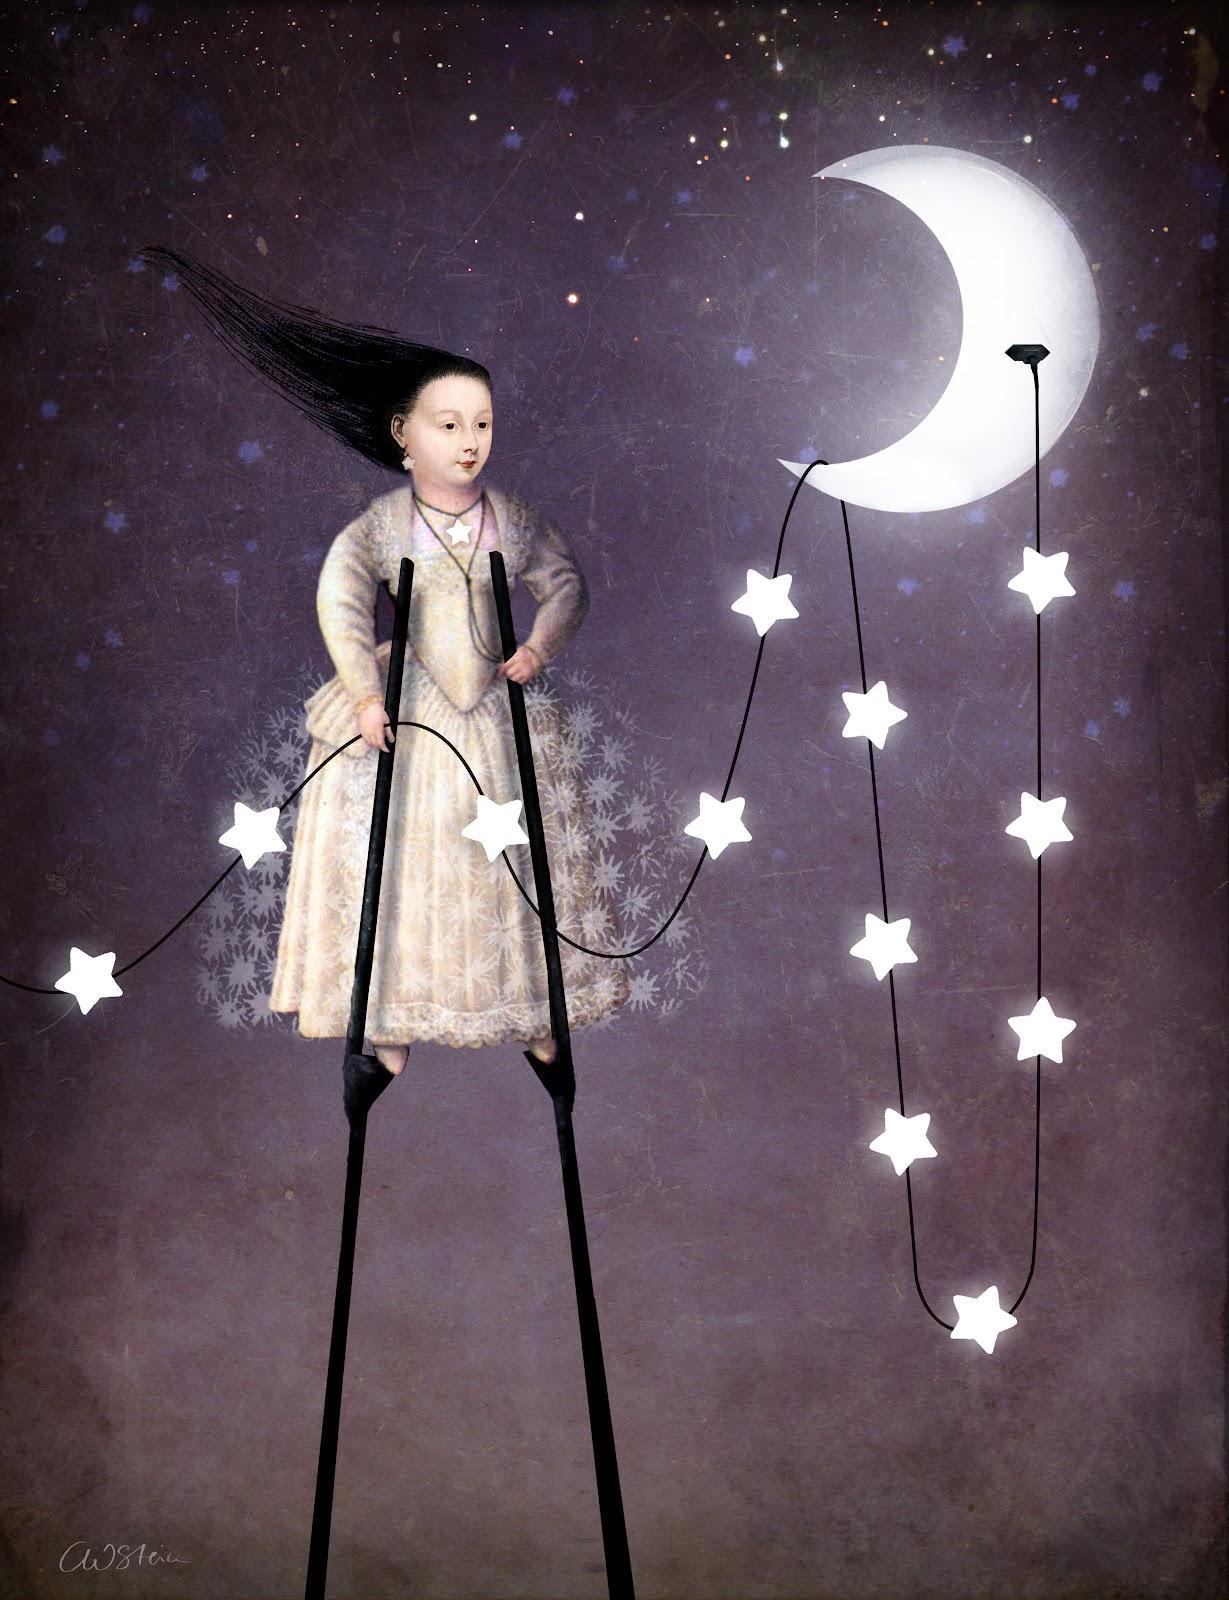 ????????? ?????? Google ??? http://1.bp.blogspot.com/-Ub-mXSiiRcY/T-1A4IWOojI/AAAAAAAAA_U/yiHPzmbfpdE/s1600/starlight.jpg